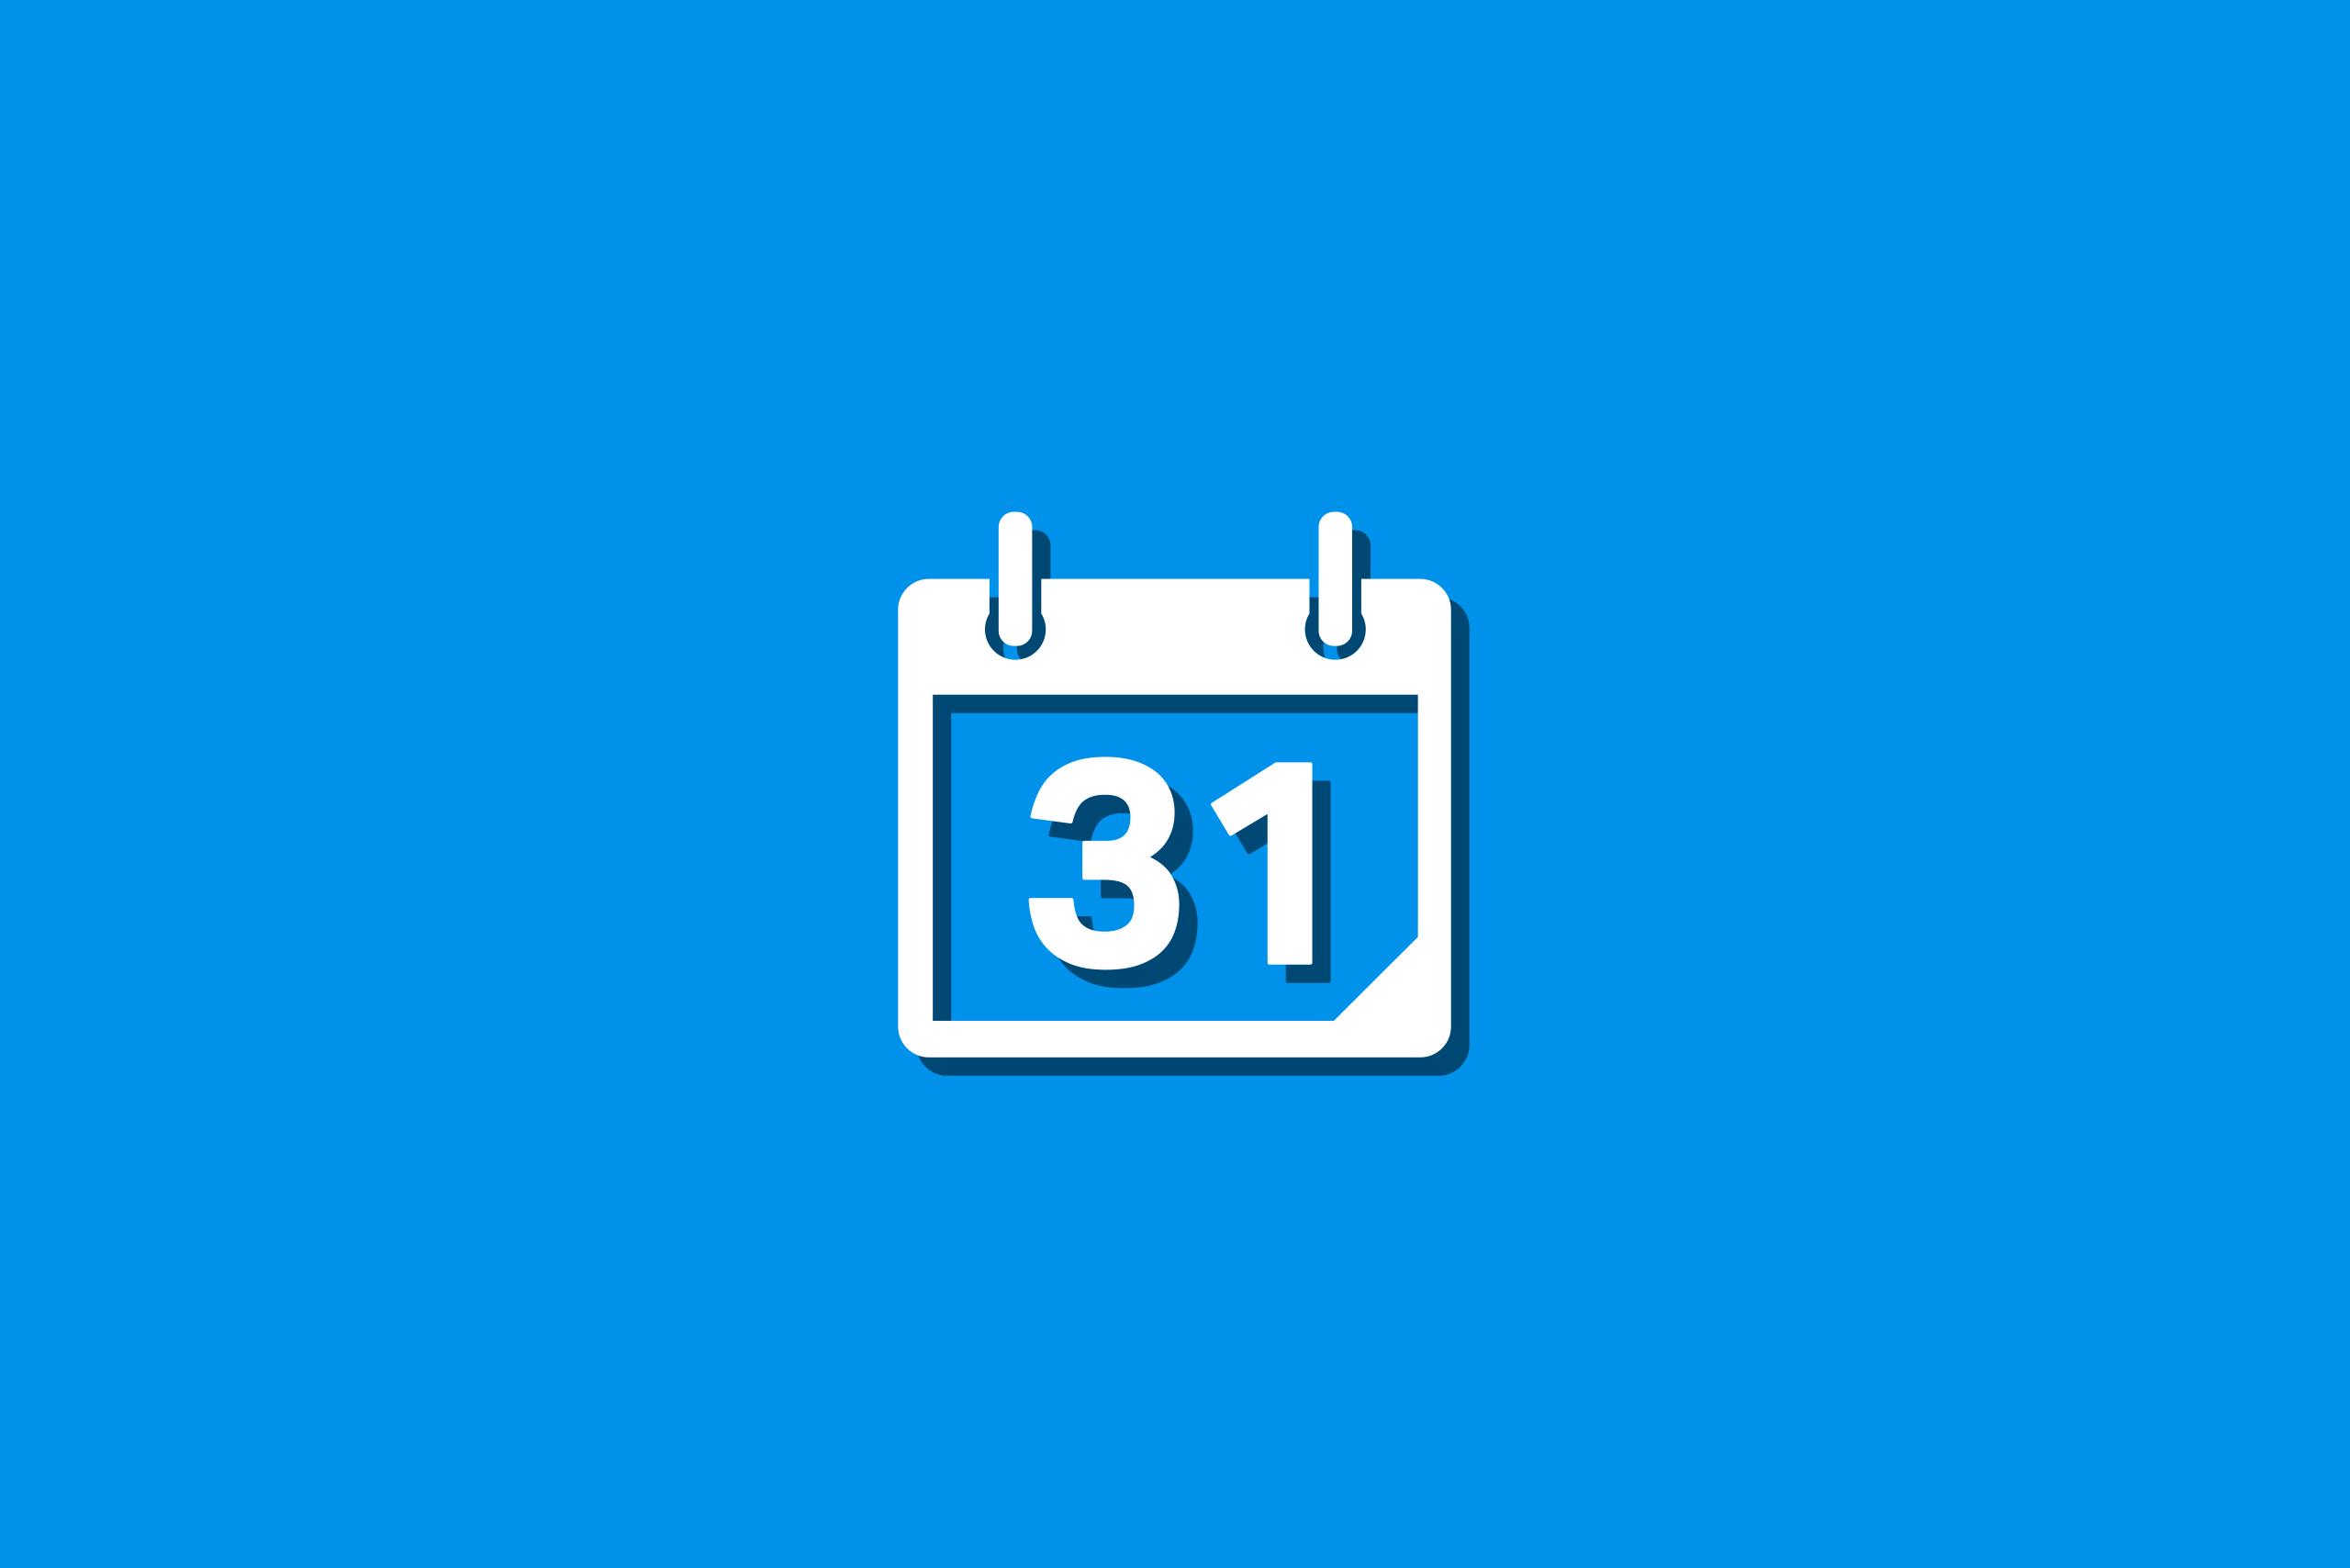 31 consejos de ahorro: uno para cada día del mes